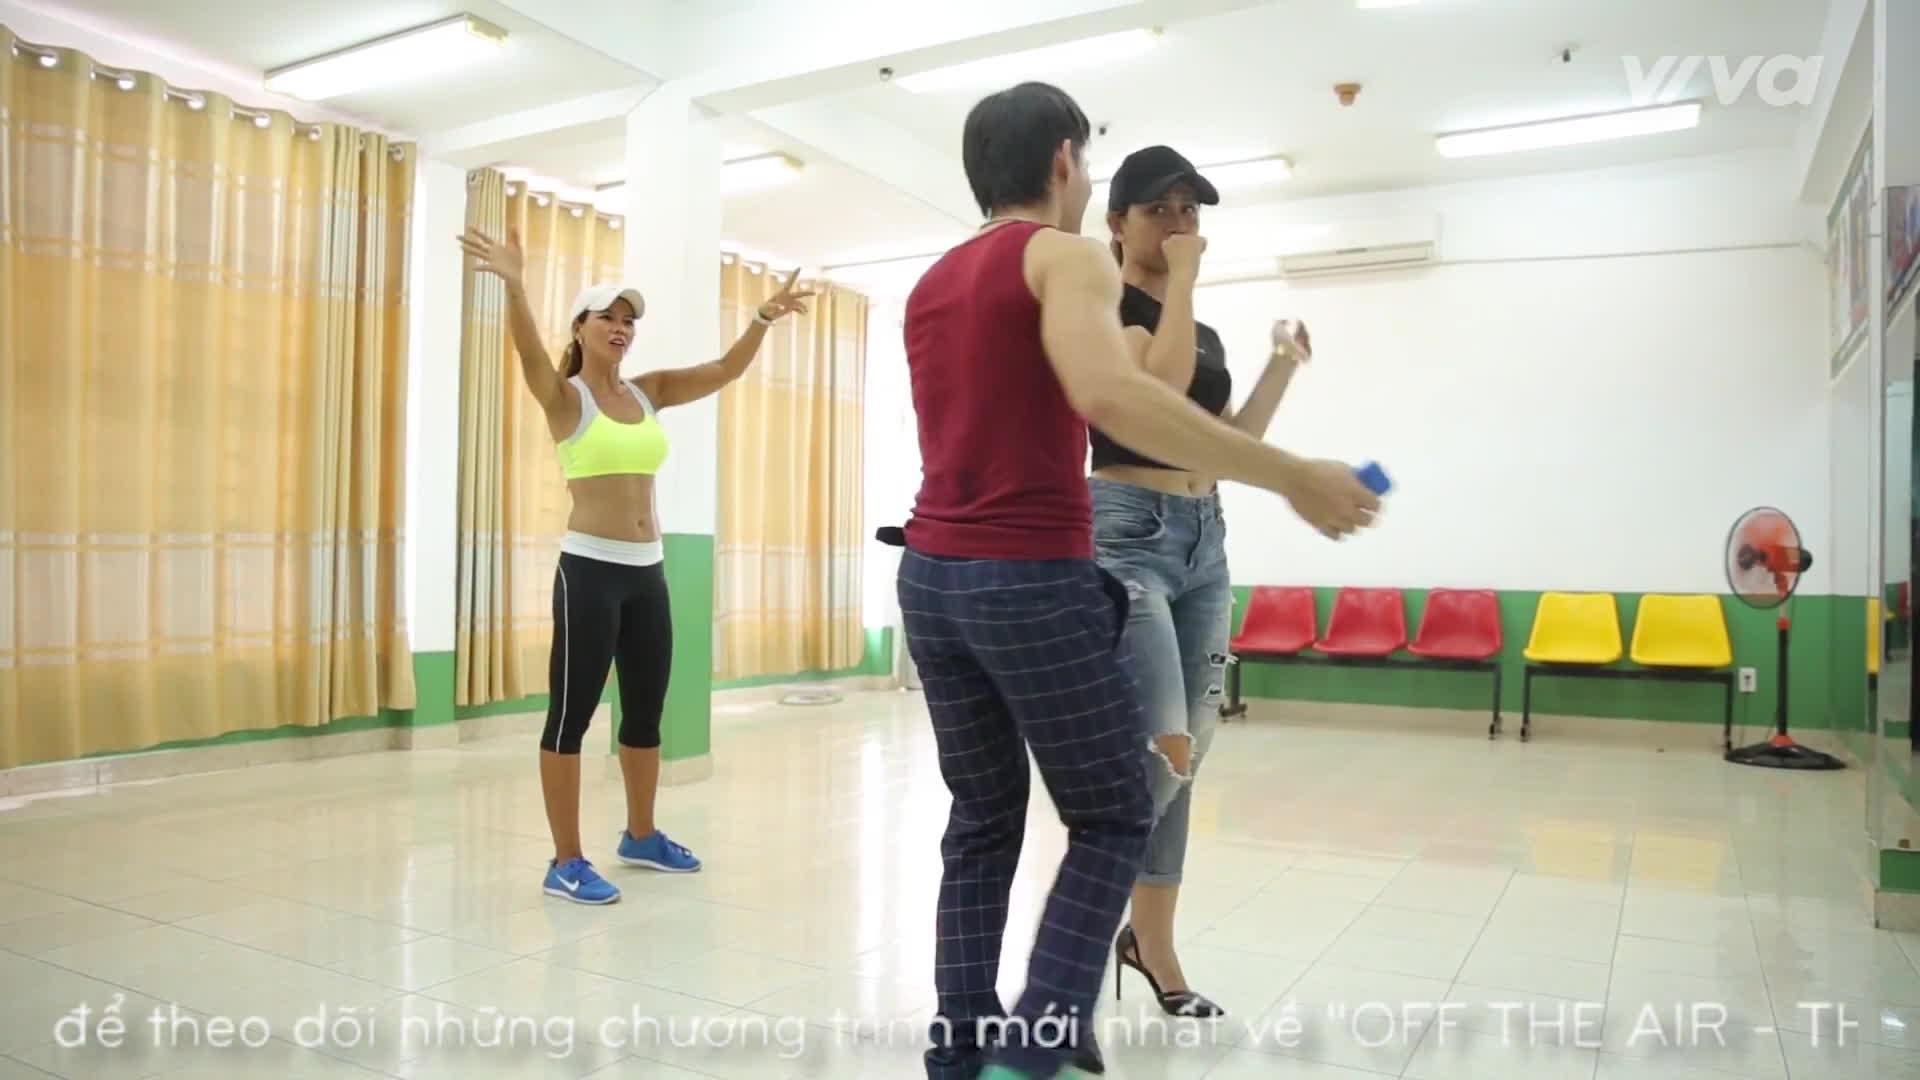 Thần tượng Bolero 2017: Không chỉ rèn giũa giọng hát, Mr. Đàm còn nhờ người tập vũ đạo cho học trò